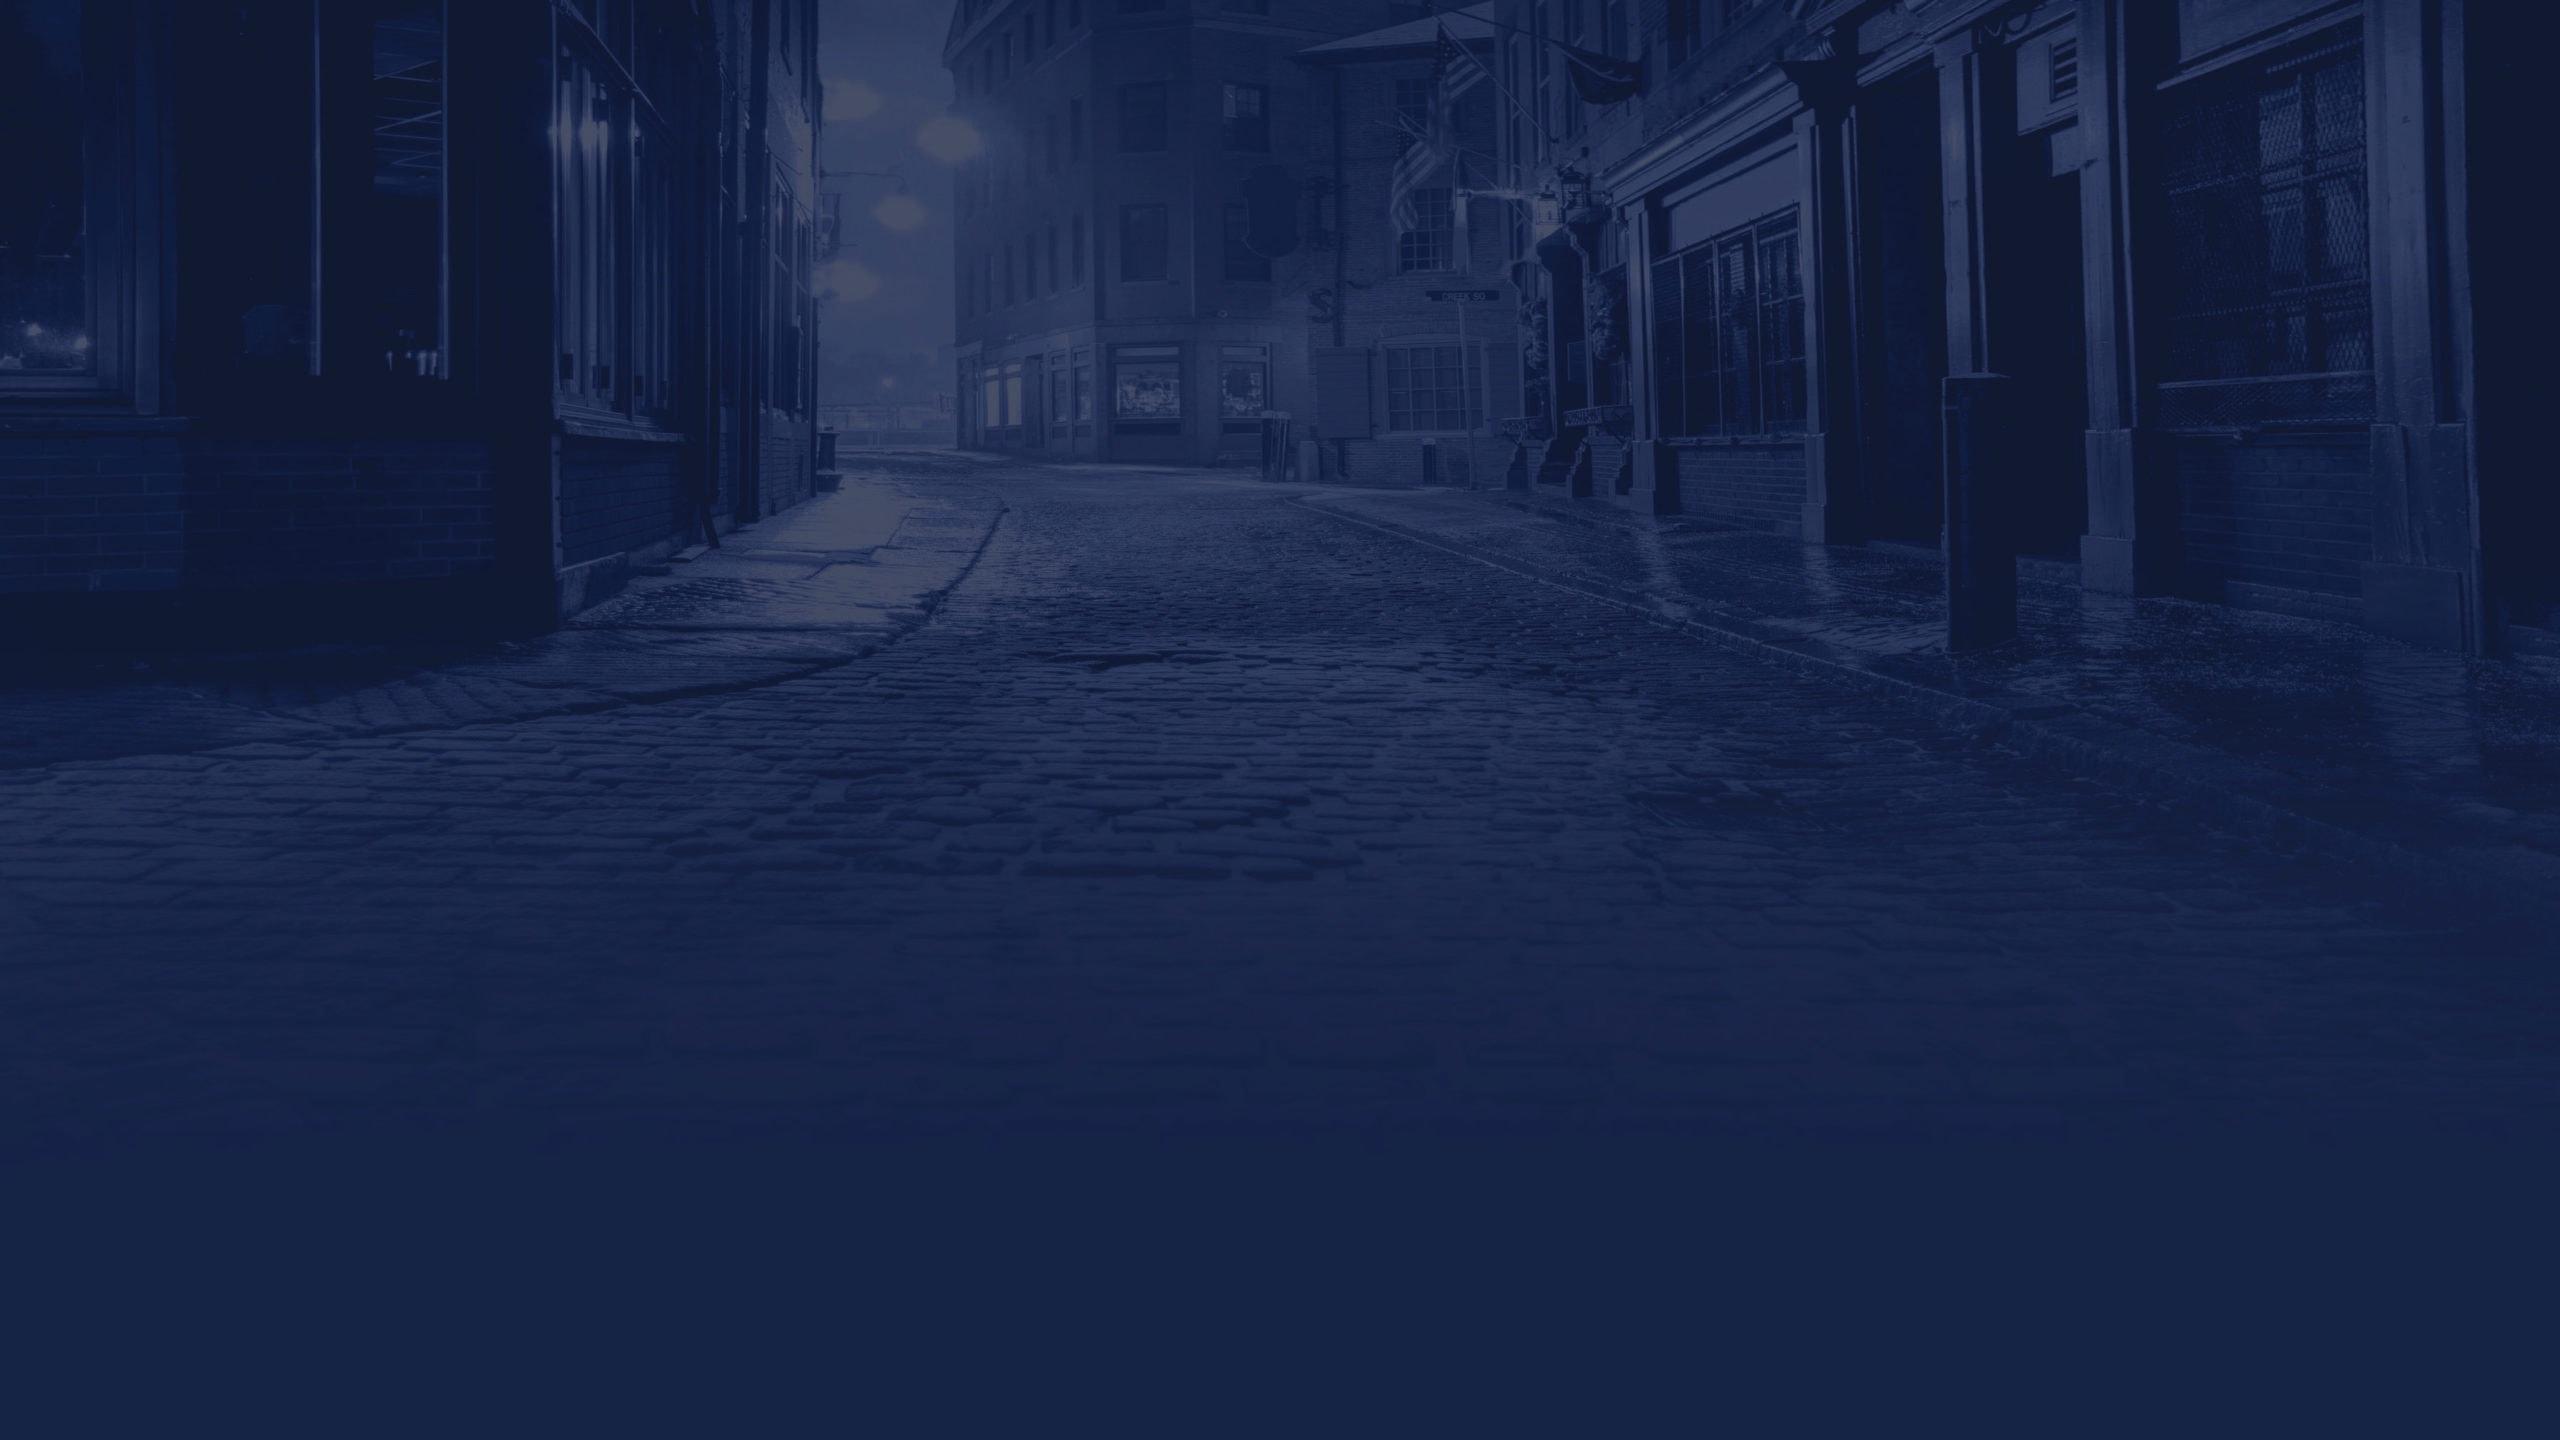 cobblestone walking area in blue